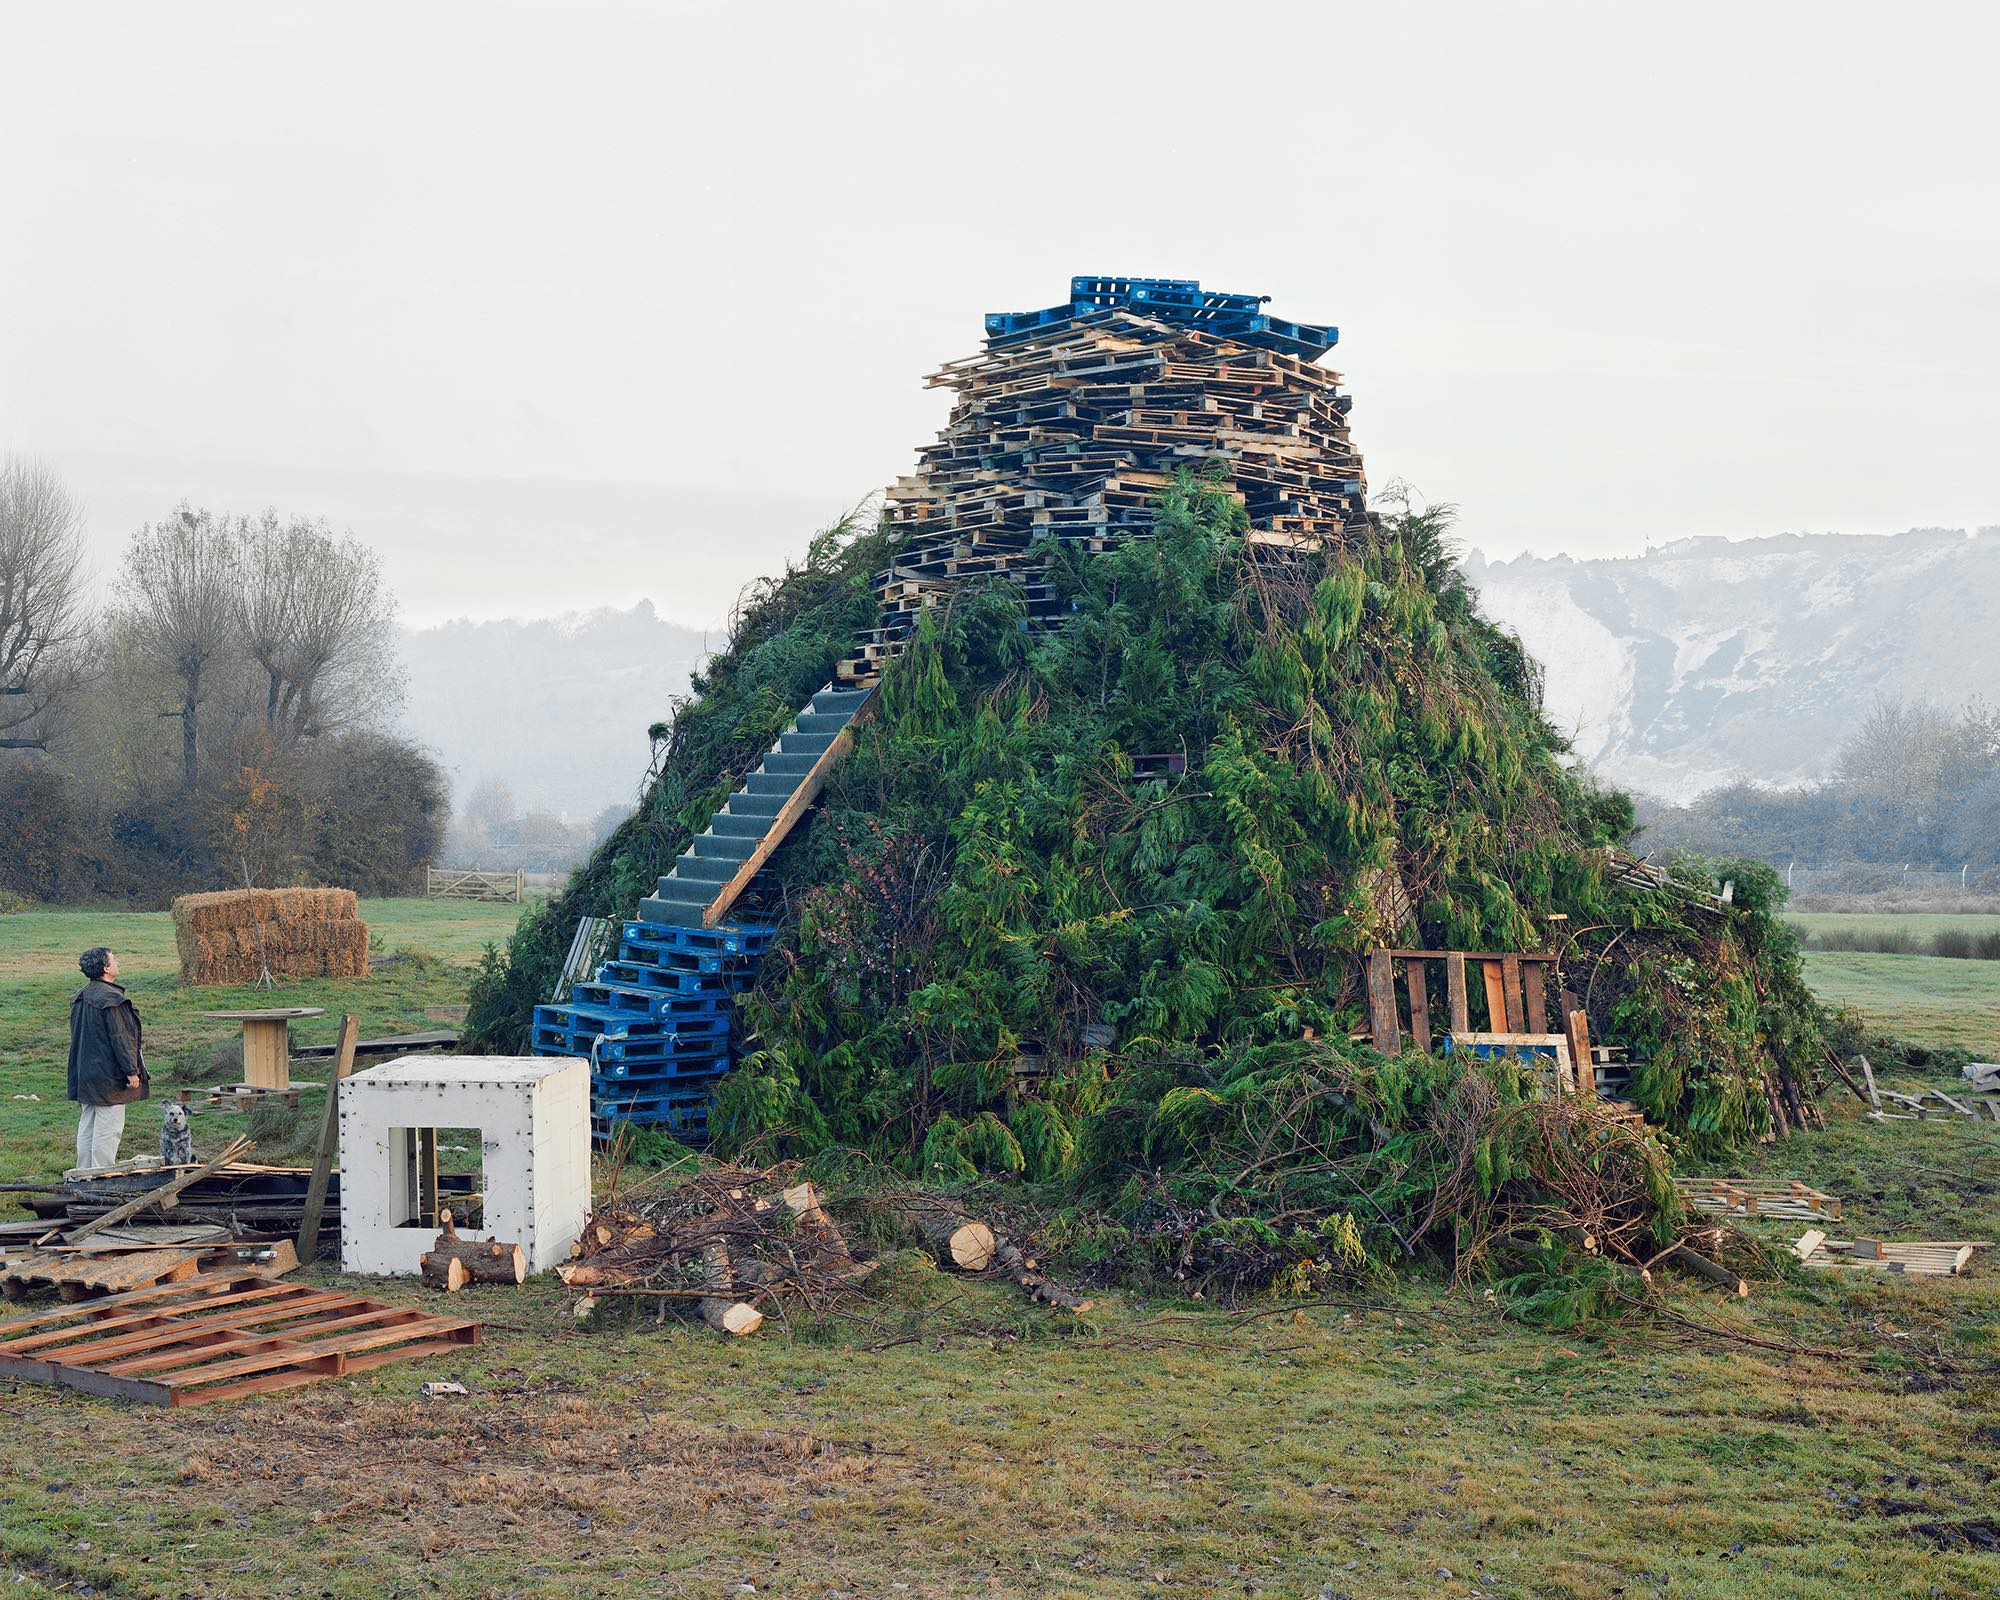 Dystopian shots of Britain's rural edgelands